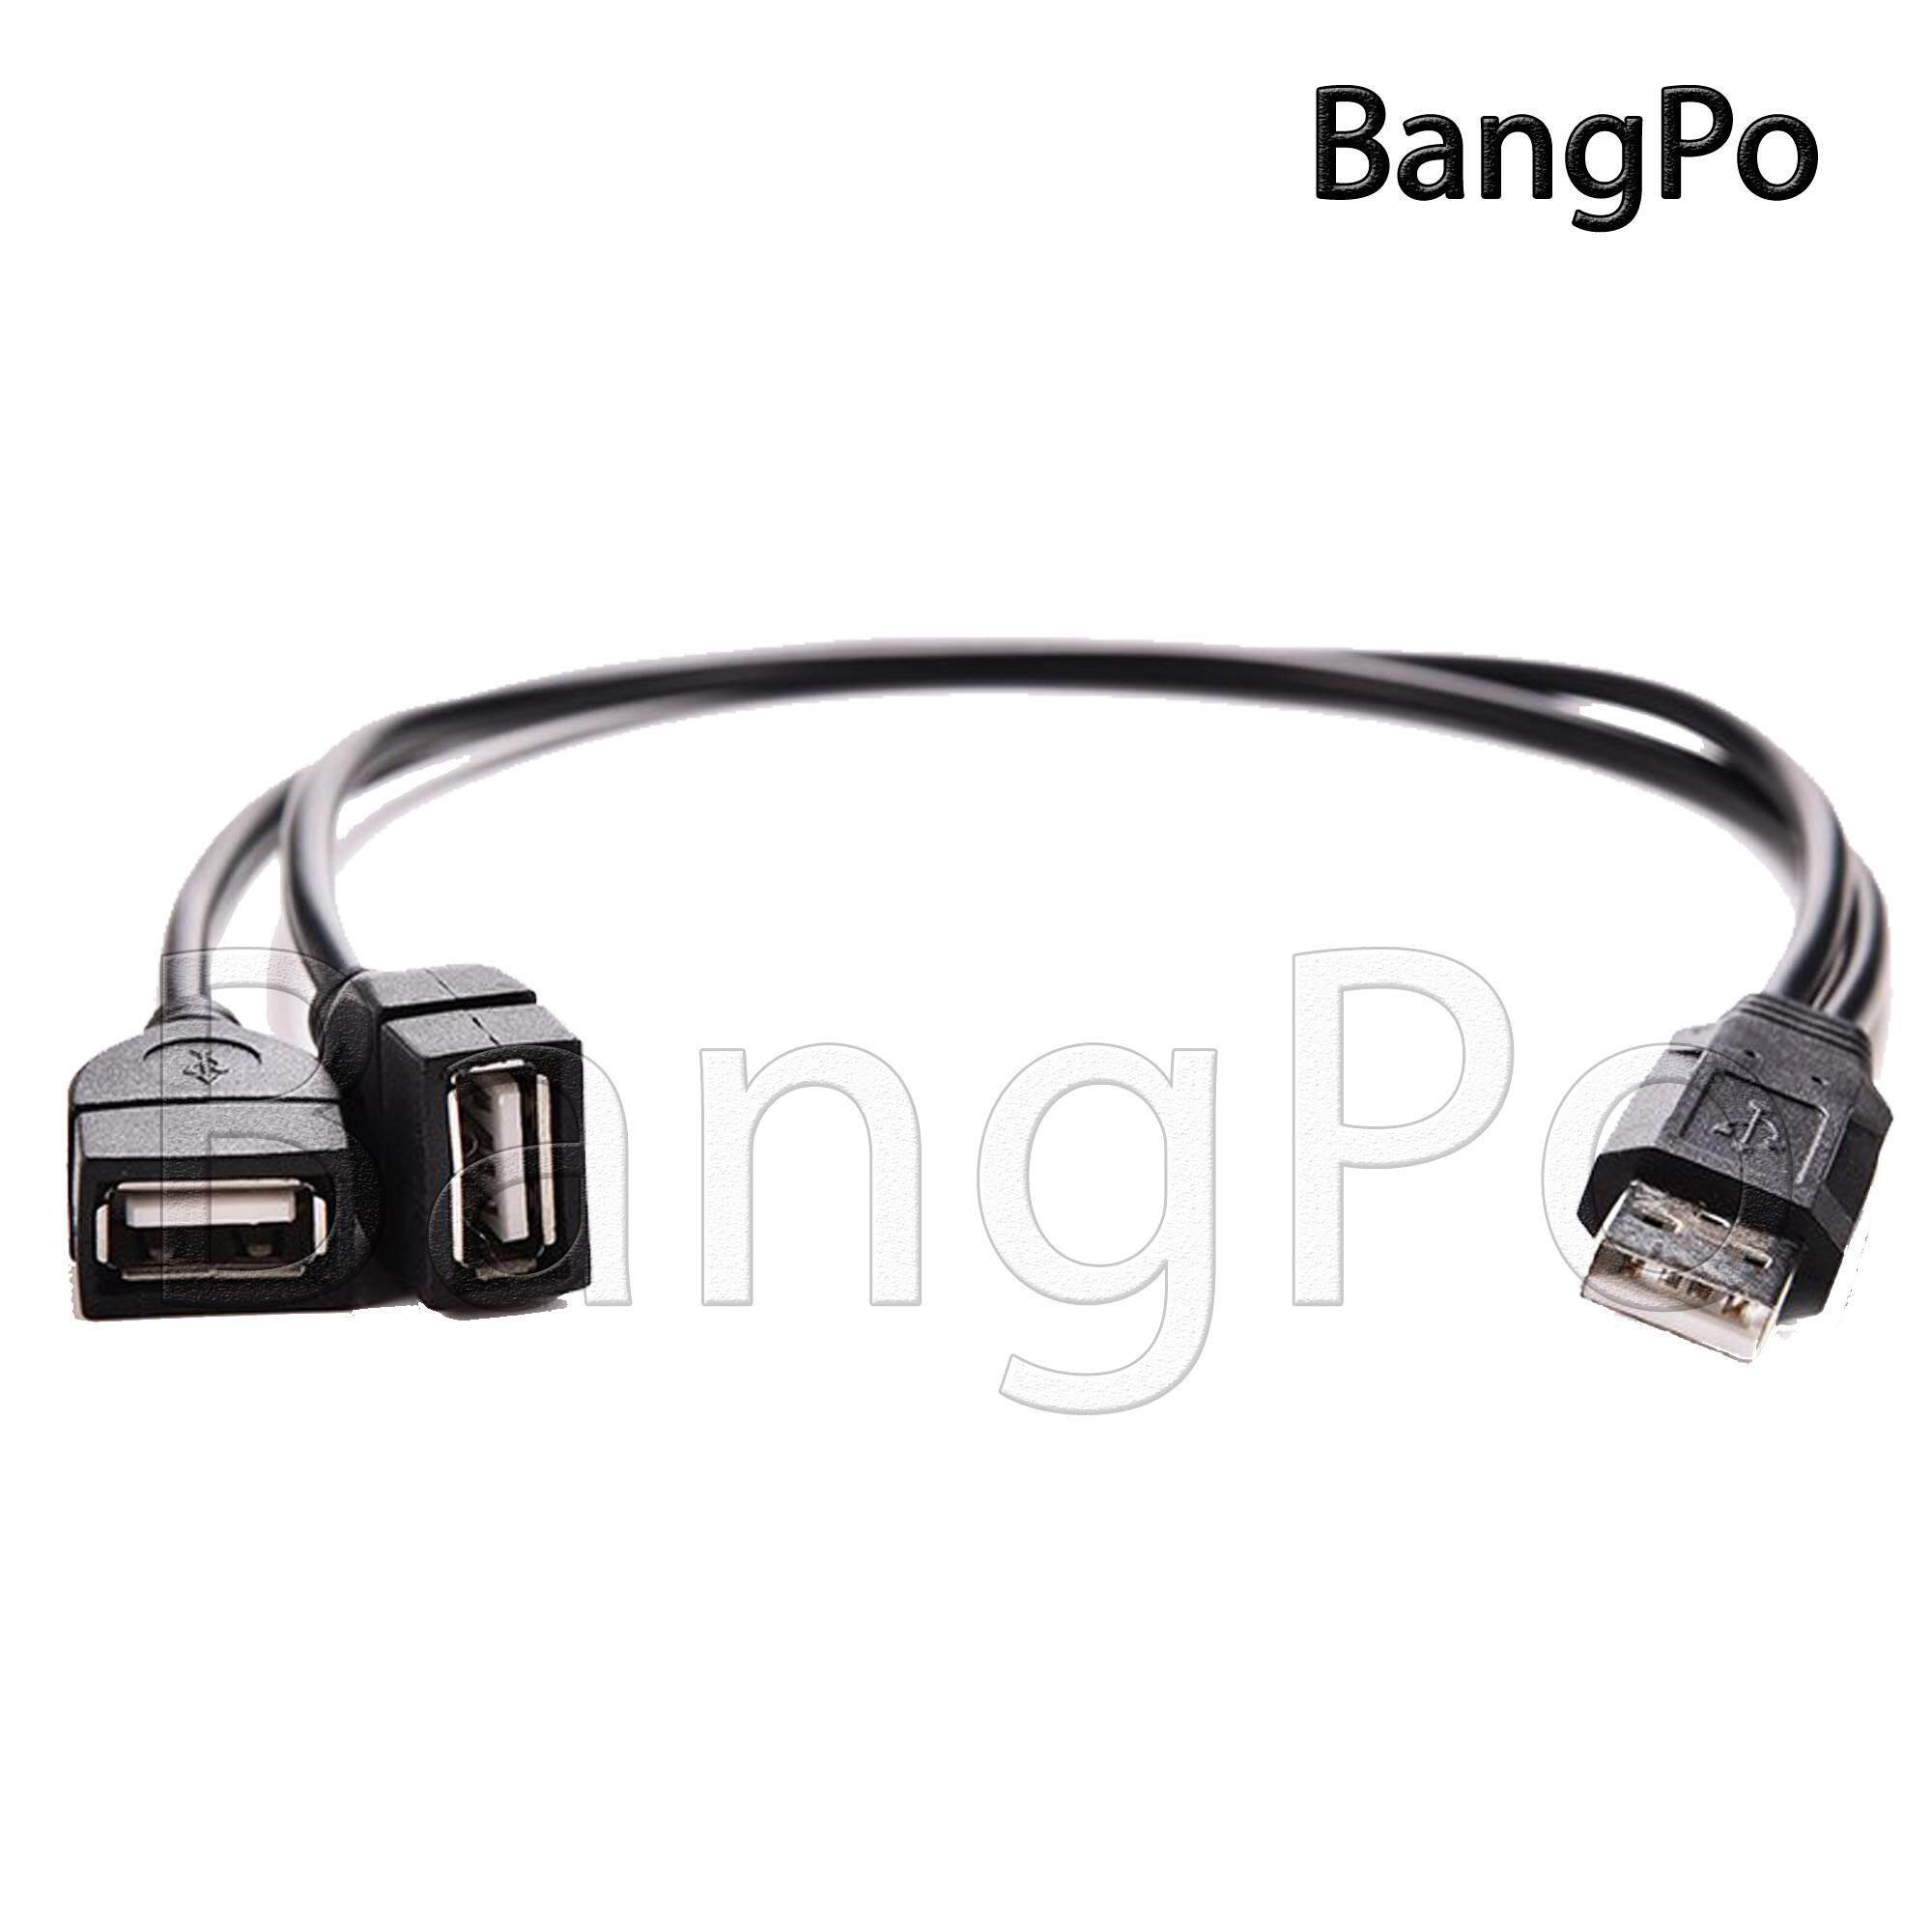 สาย Usb 2.0 แจ็ค Usb2 คู่ ออก 2 Port Y Splitter Hub อะแดปเตอร์สายไฟ (สีดำ) By Bangpo.